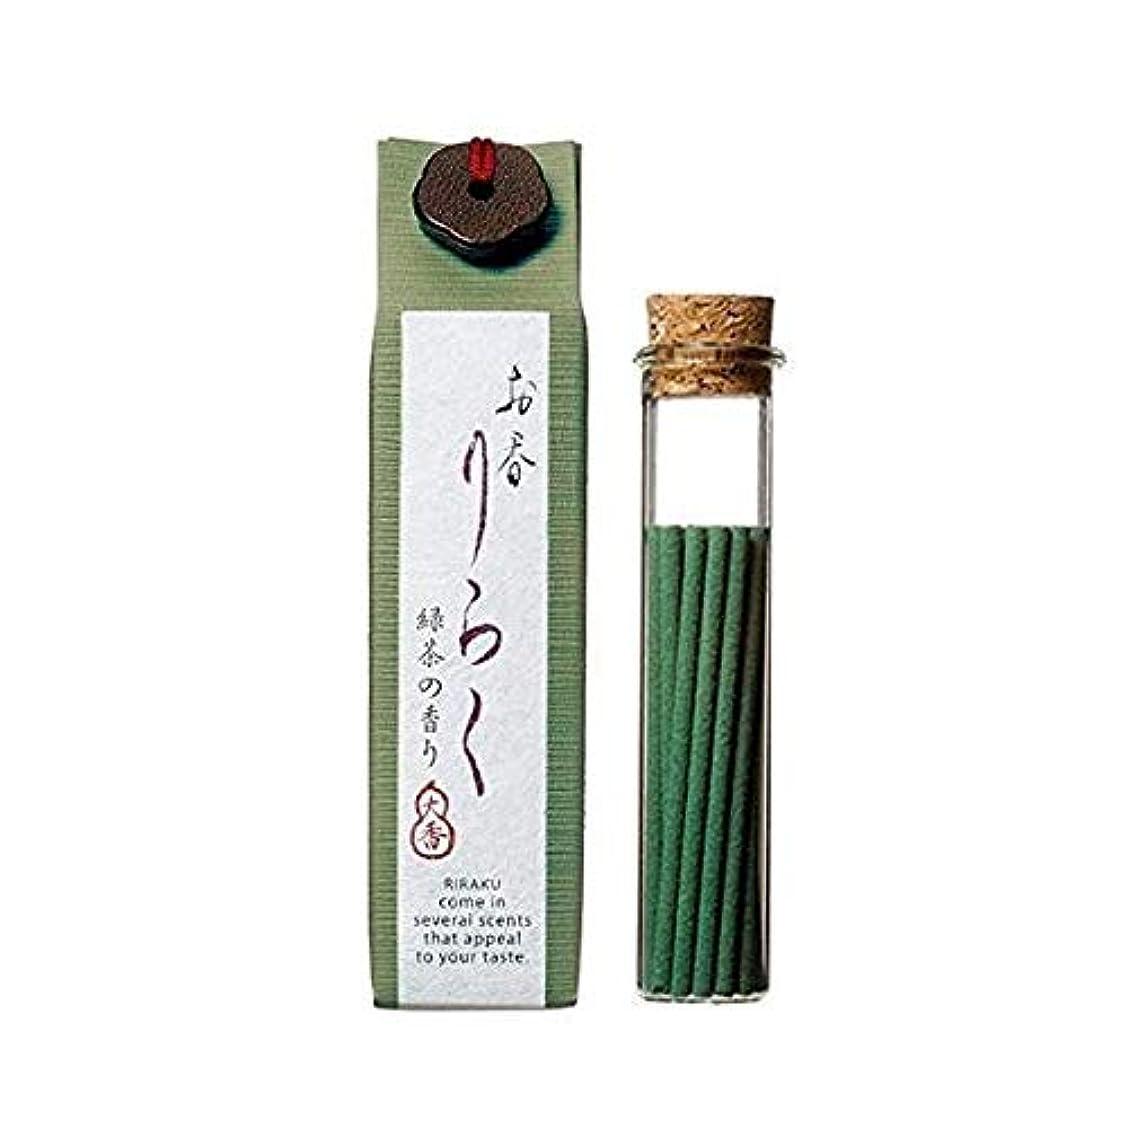 億いろいろ荒廃するお香 りらく 緑茶 15本入